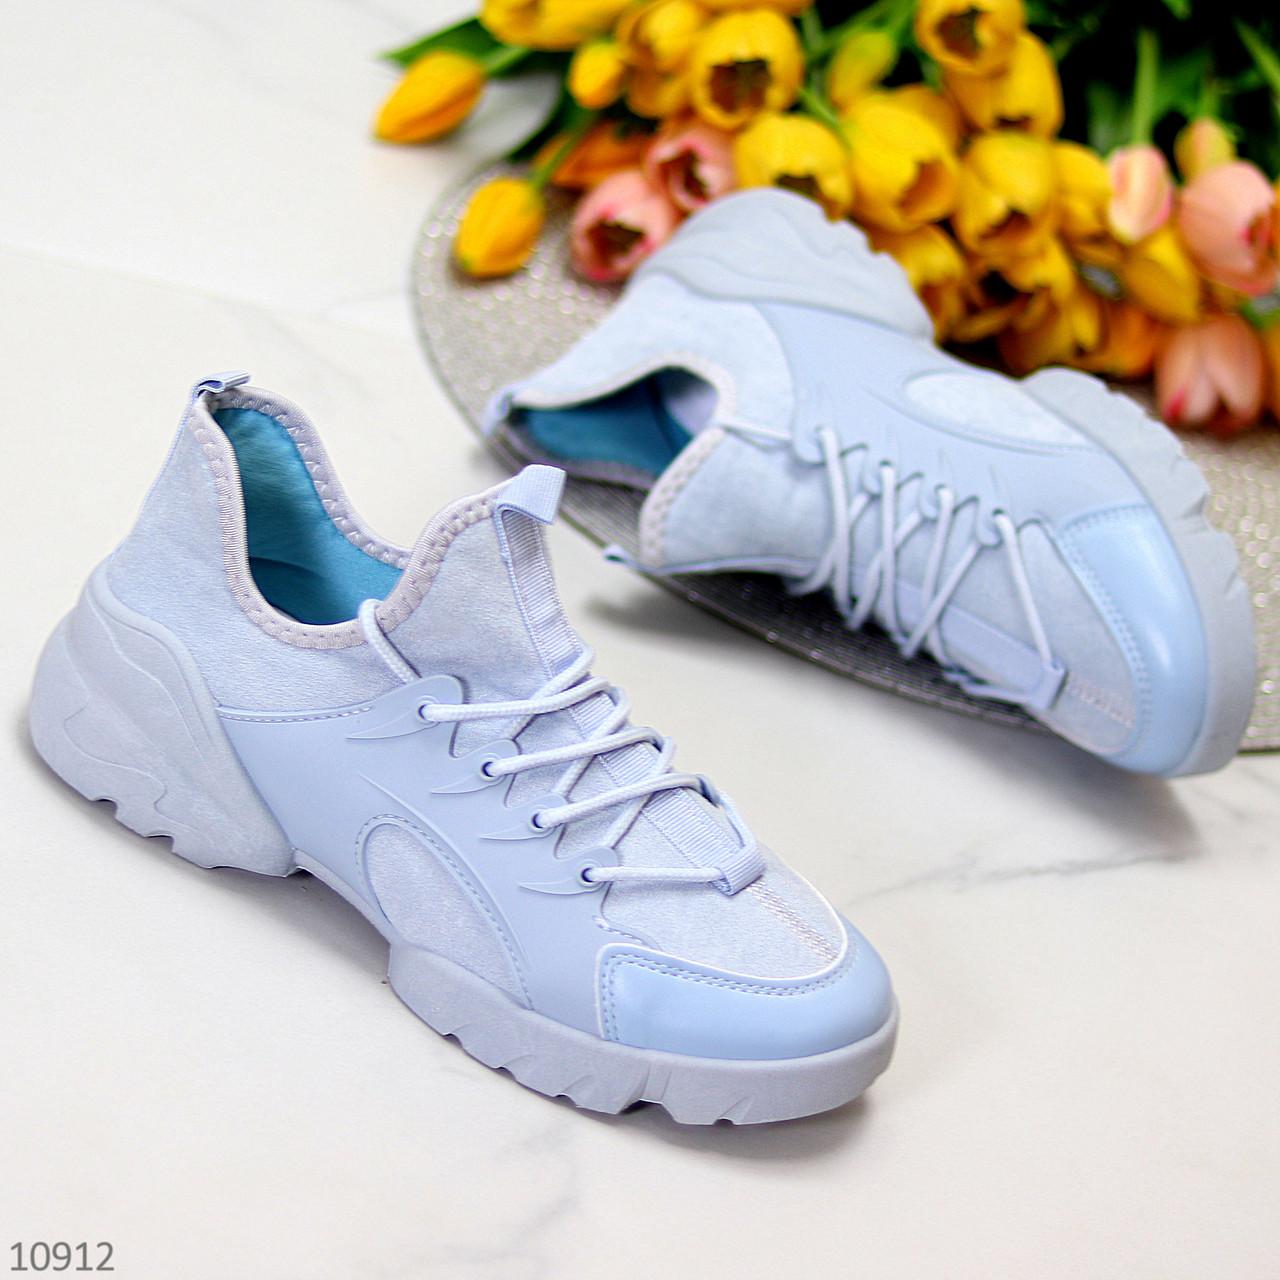 Женские кроссовки стильные голубые текстиль + резина/ силикон